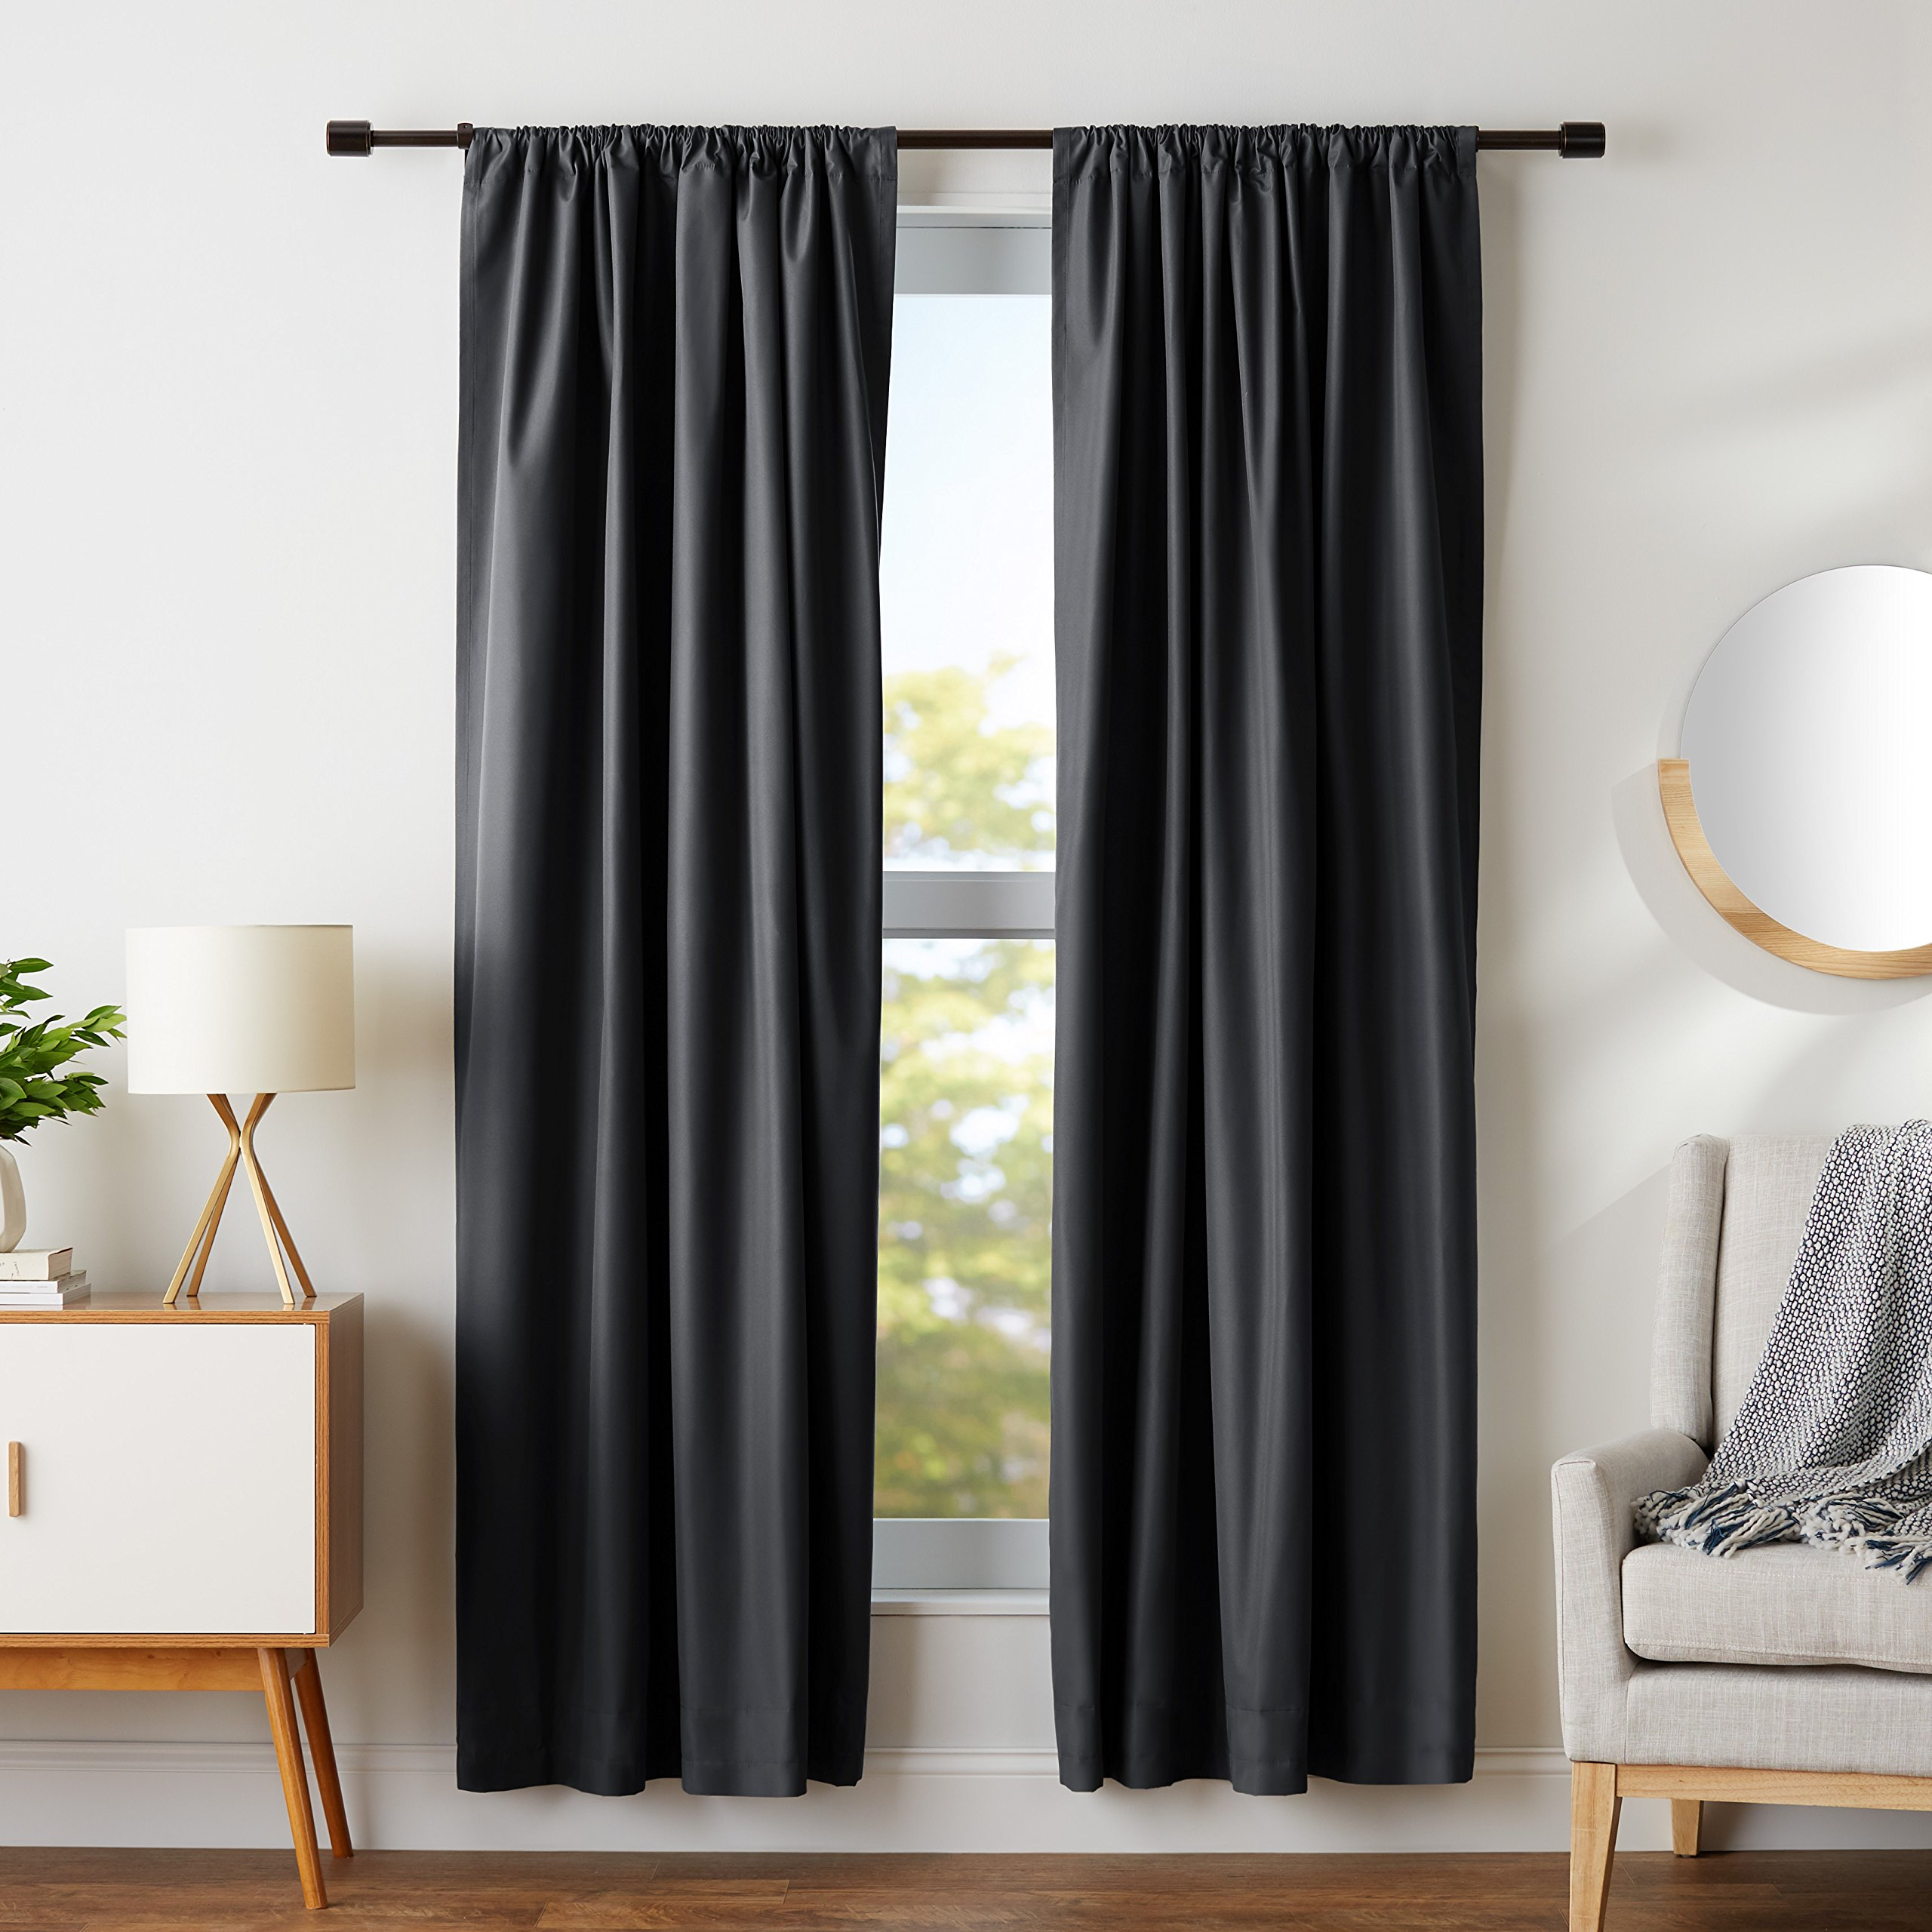 AmazonBasics Blackout Curtain Set - 52'' x 84'', Black